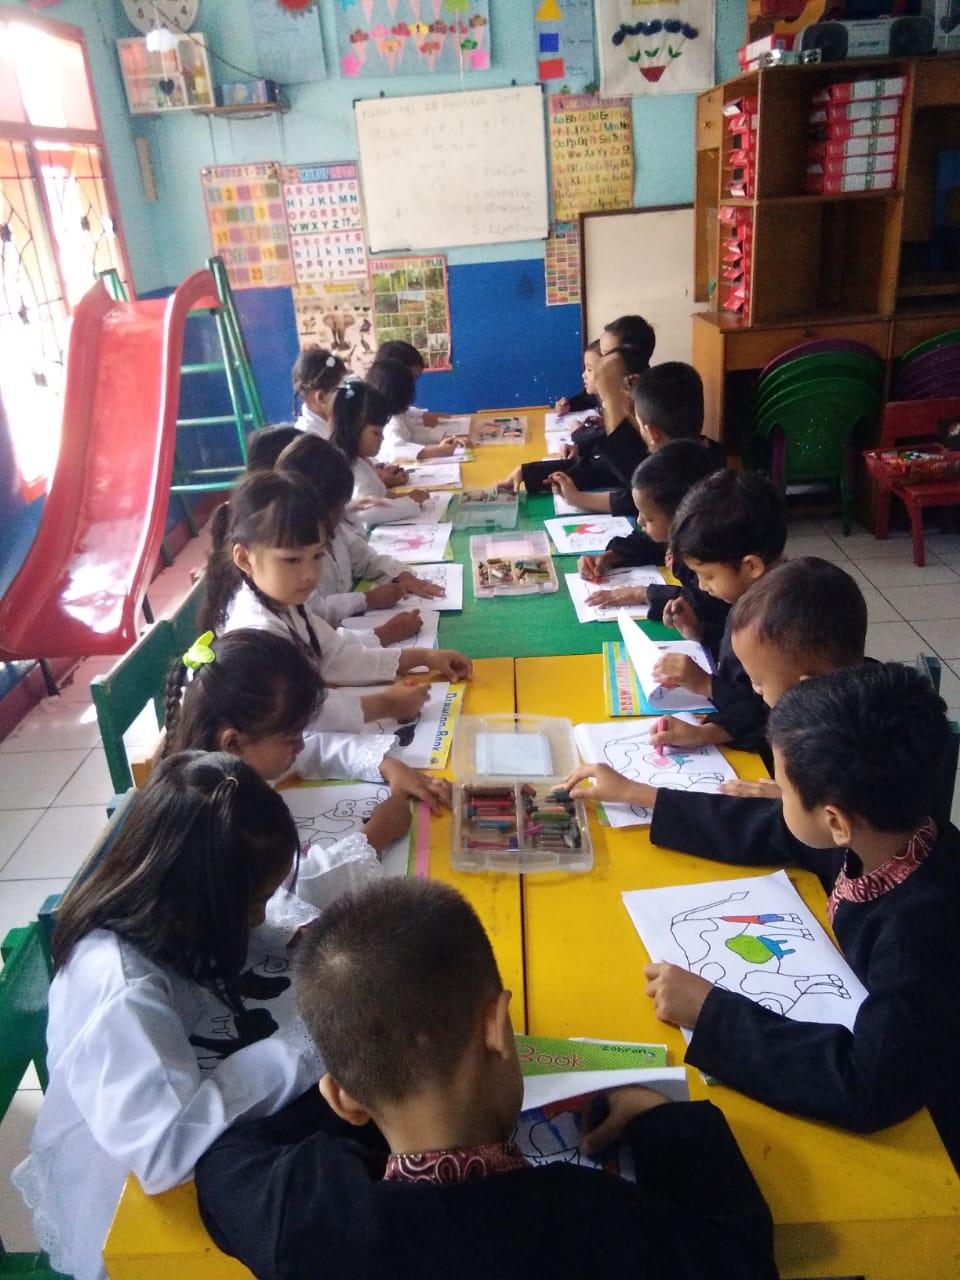 suasana kelas Sedang melakukan pembelajaran , Foto diambil sebelum Pandemi COVID 19